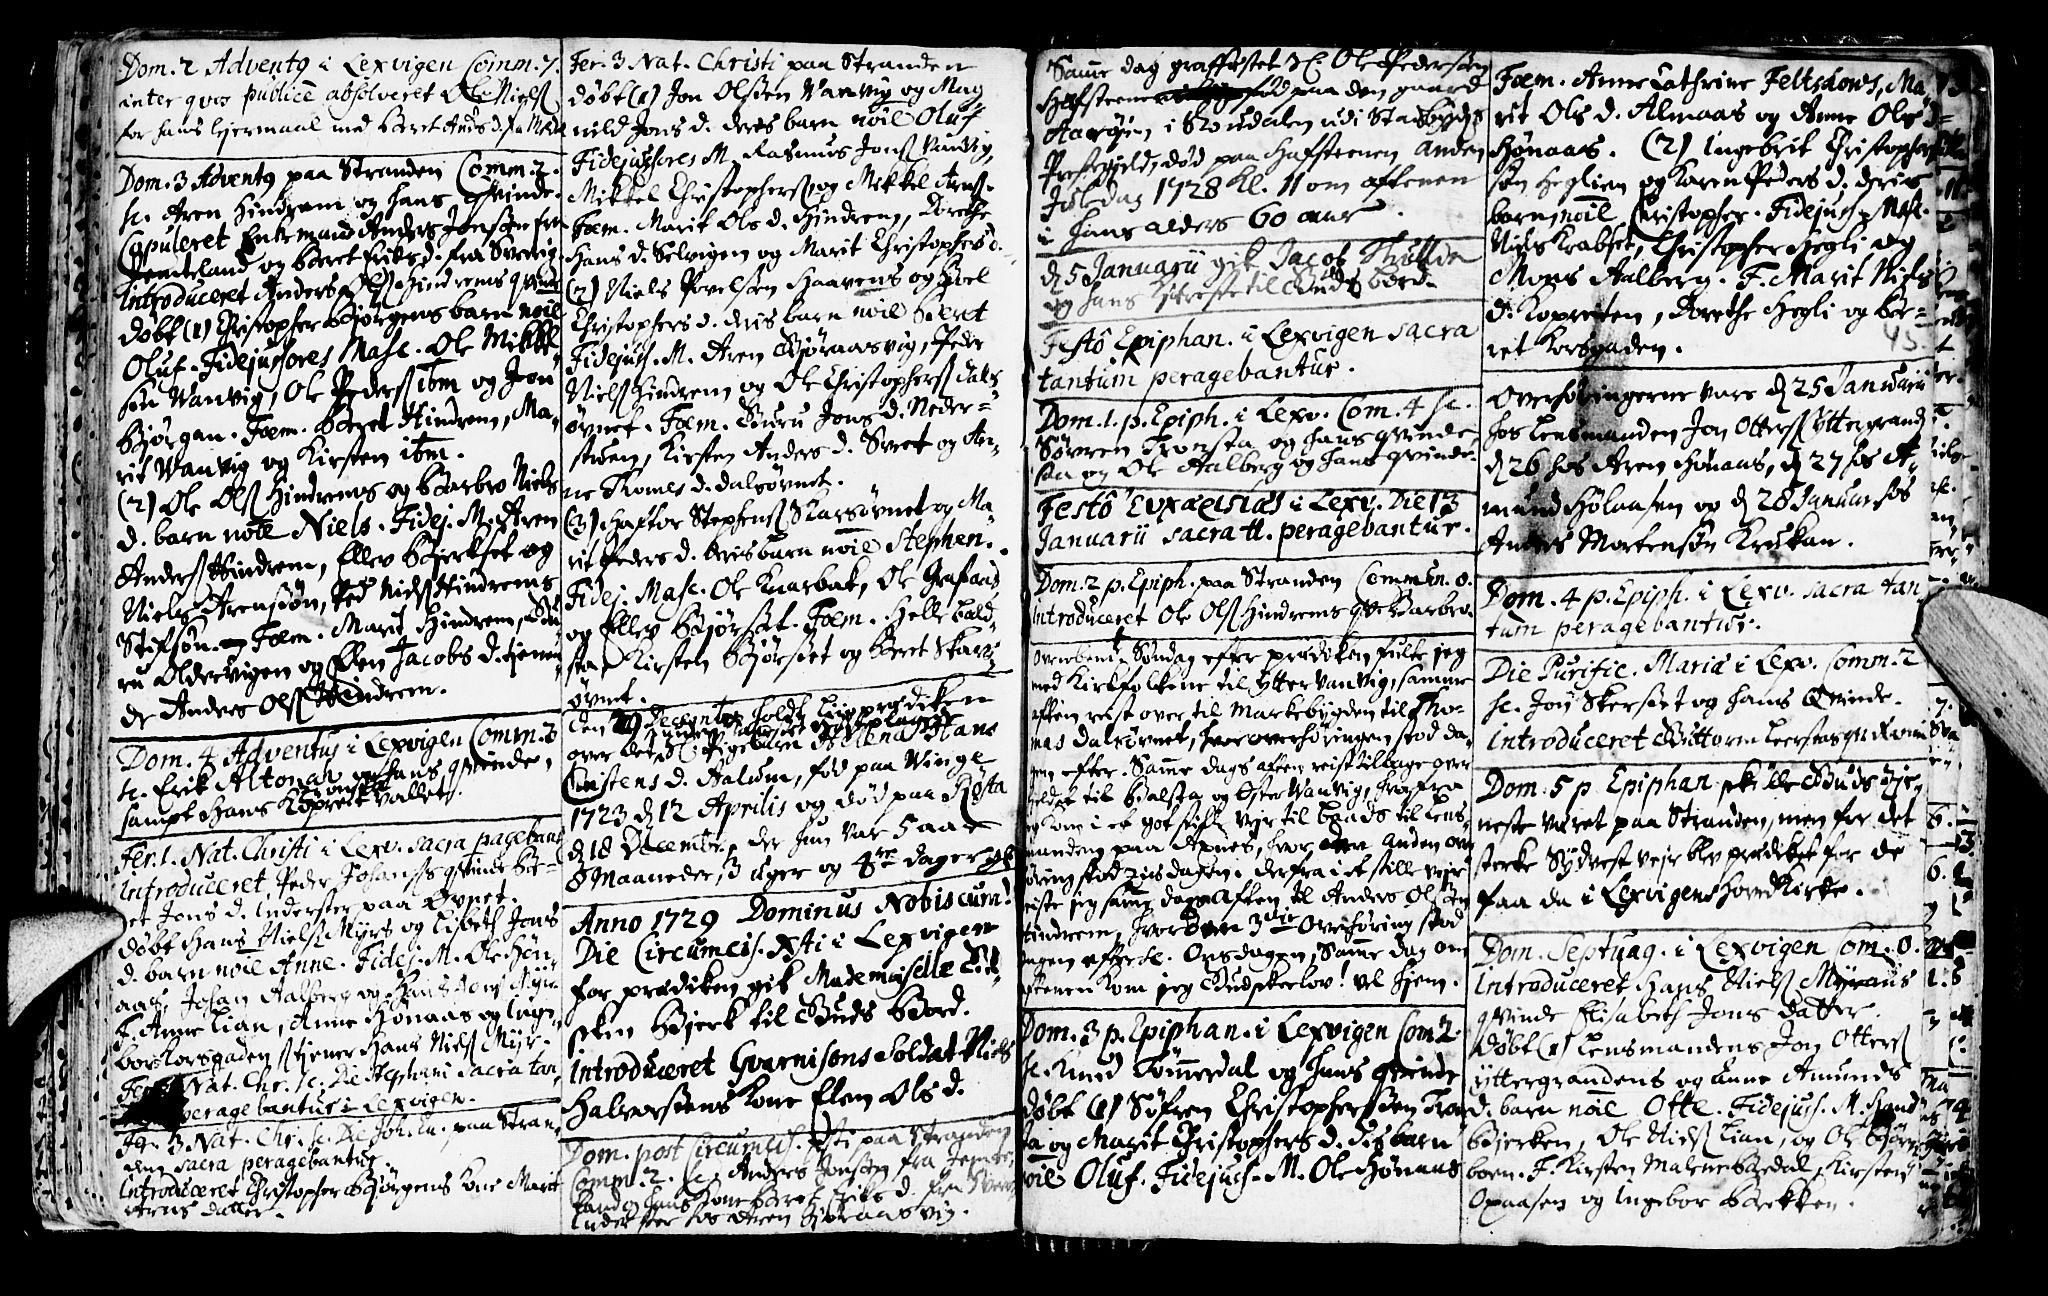 SAT, Ministerialprotokoller, klokkerbøker og fødselsregistre - Nord-Trøndelag, 701/L0001: Ministerialbok nr. 701A01, 1717-1731, s. 45